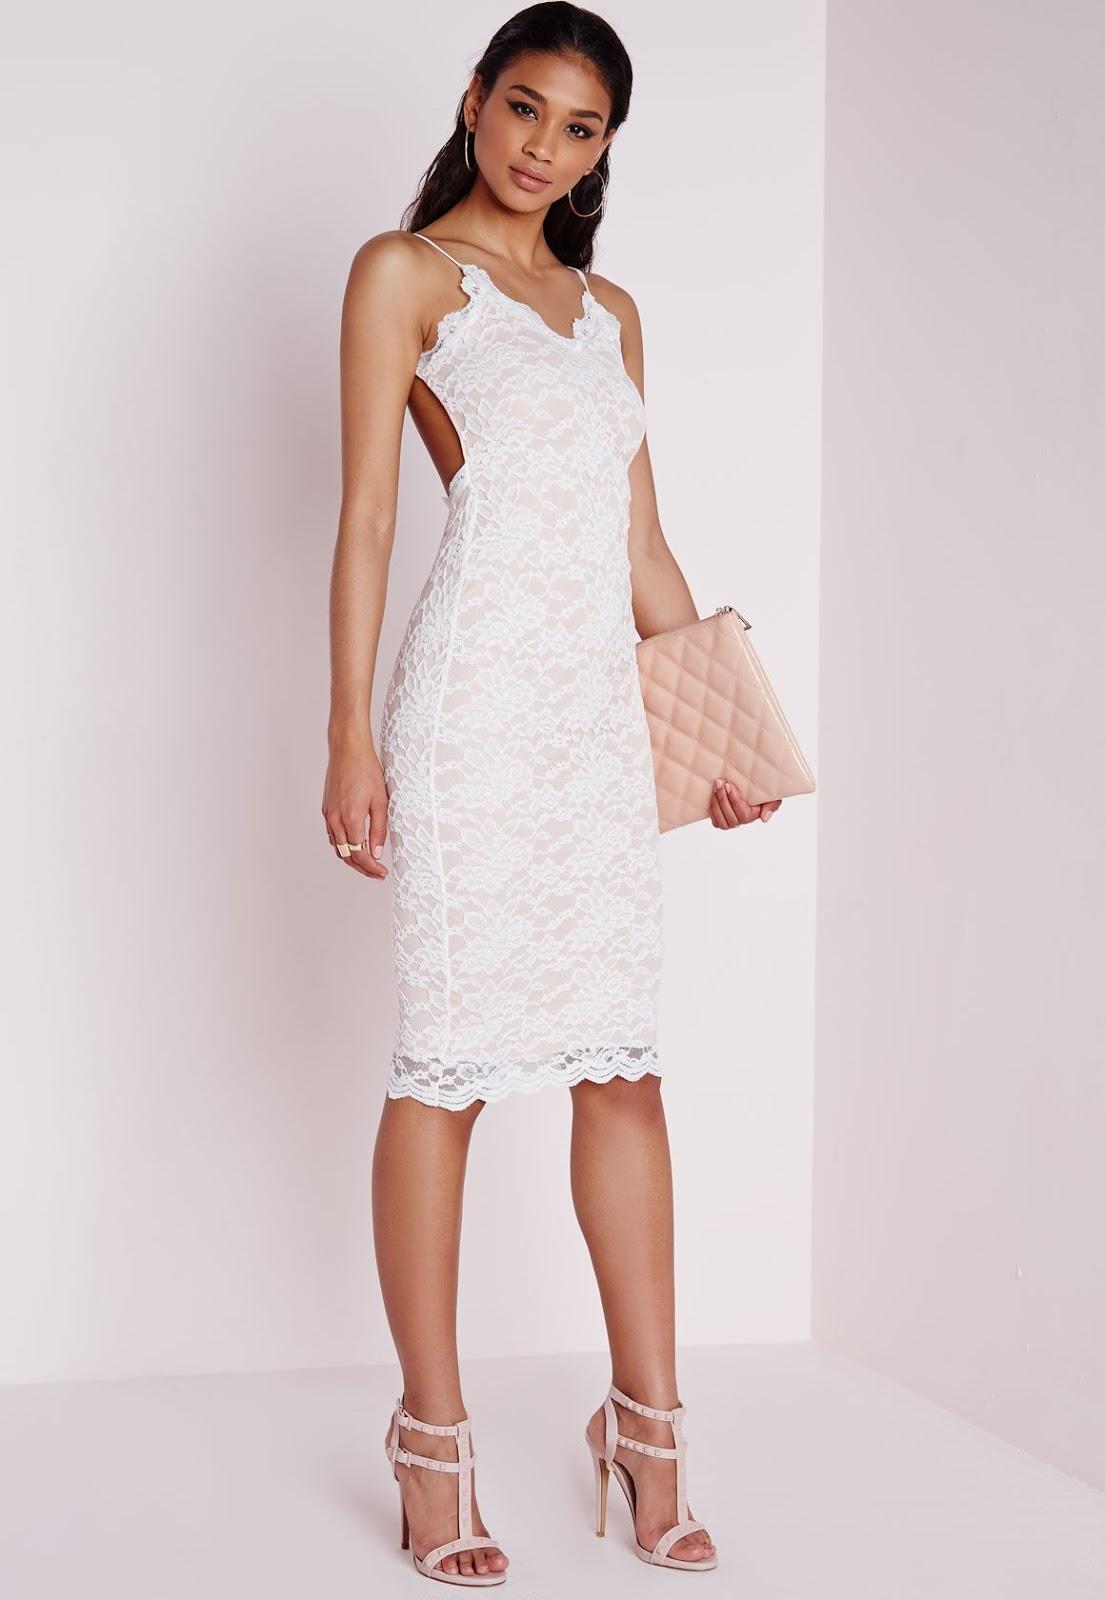 e4e64ba53 Imagenes de vestidos de graduacion para el dia – Vestidos hermosos y ...